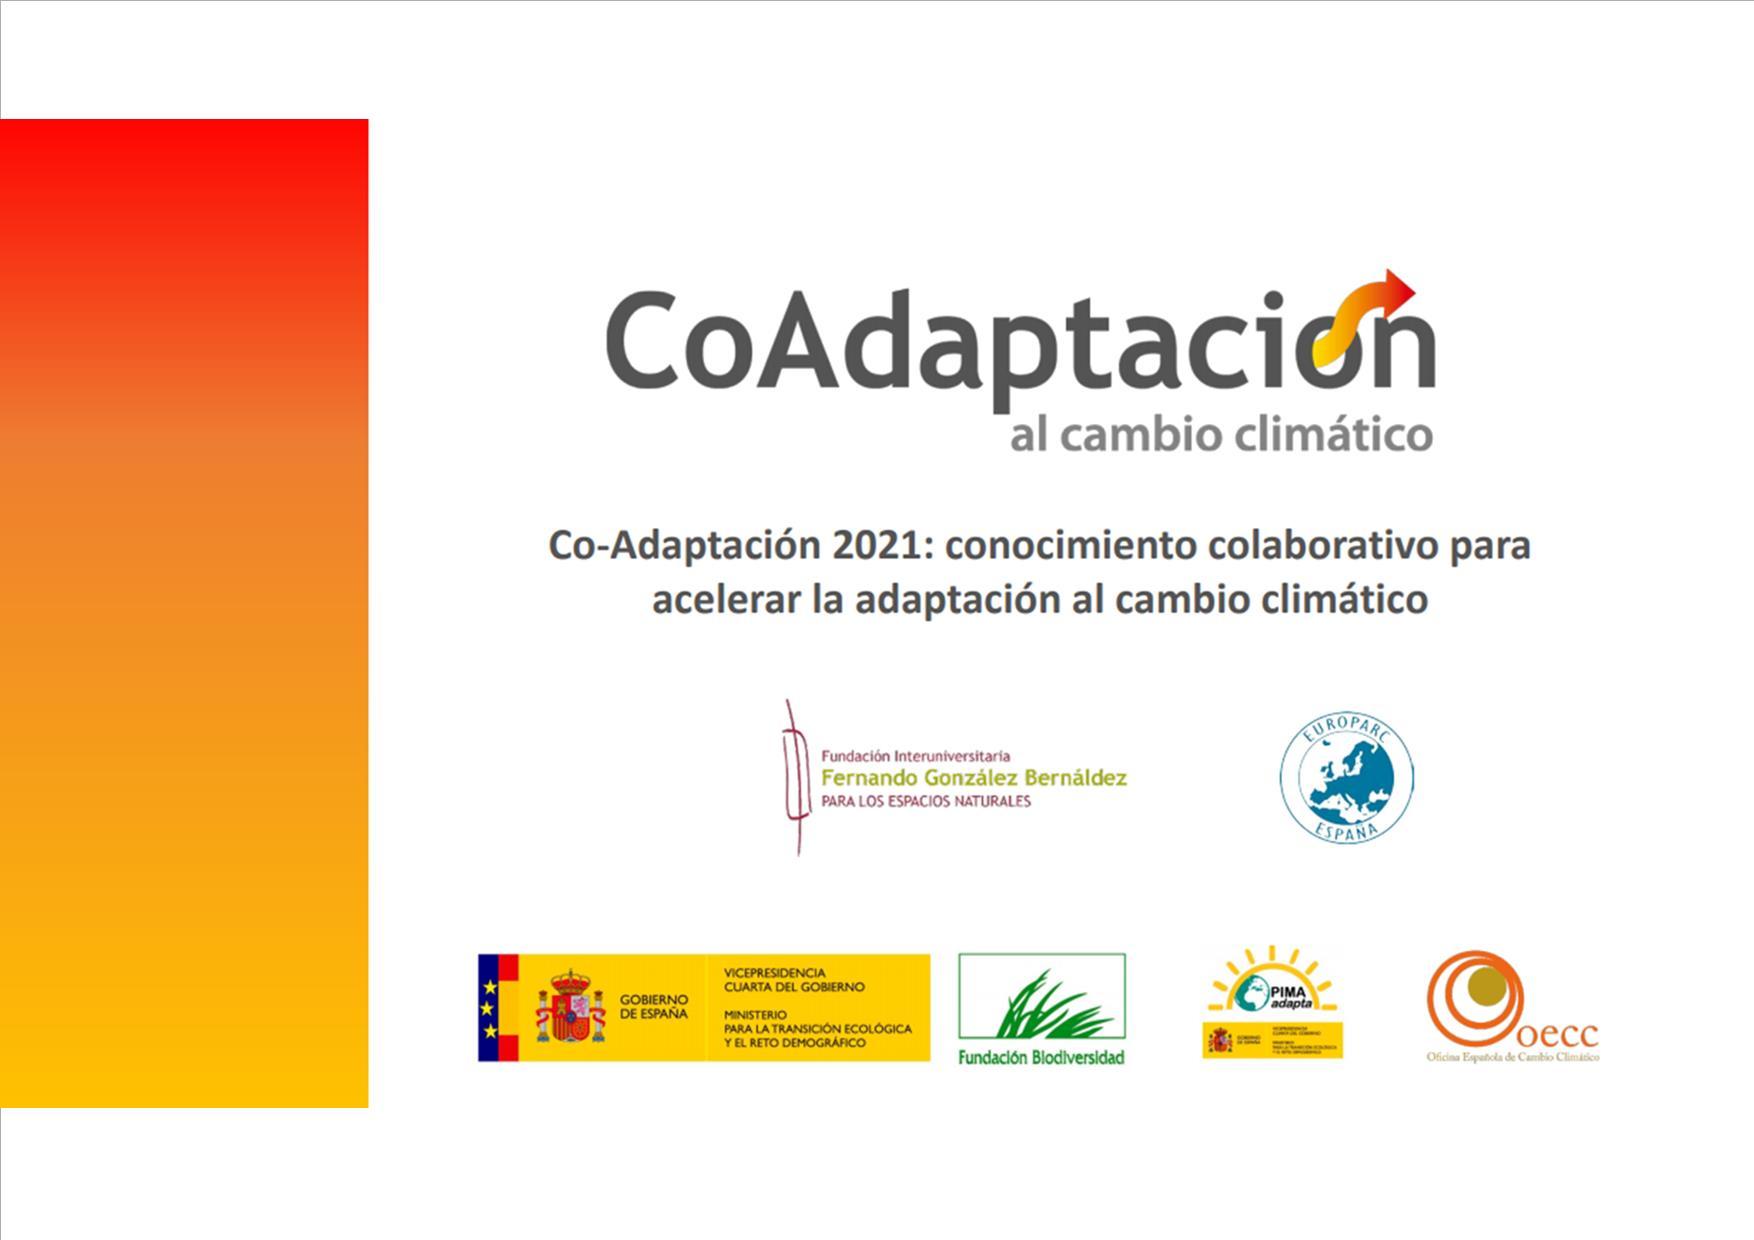 CoadaptacionCC